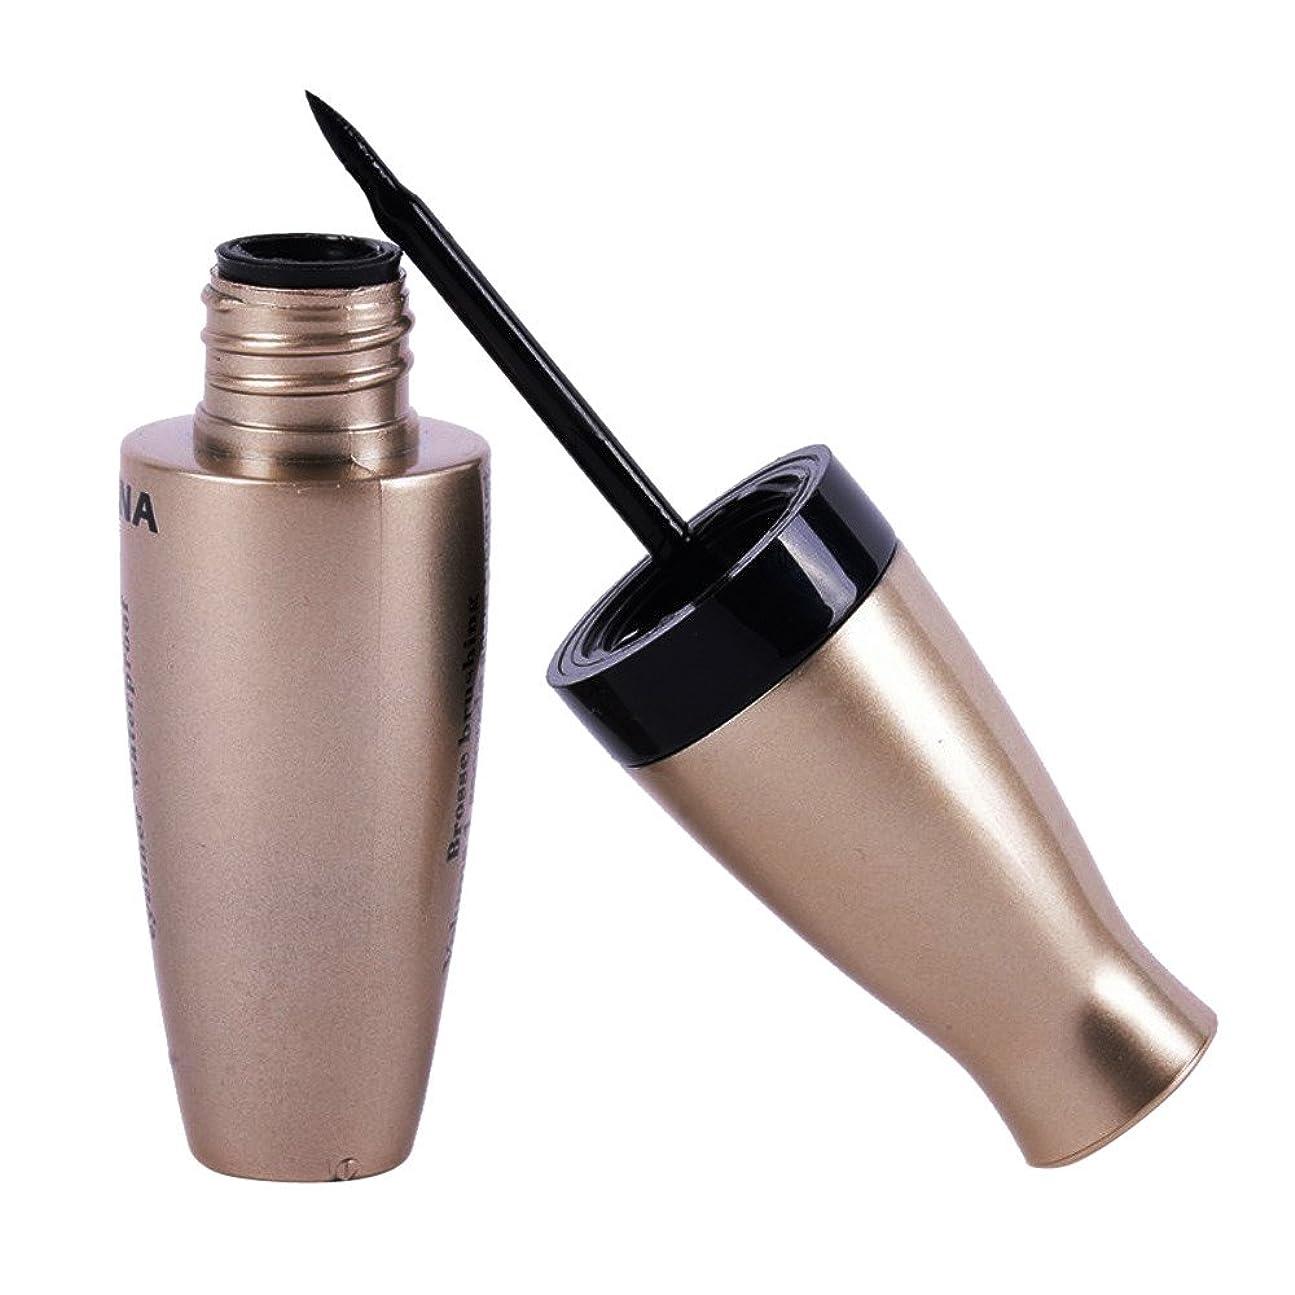 利点伝記シャーロットブロンテ新しいアイライナー防水リキッドアイライナーペンシルペンメイクアップ美容化粧品